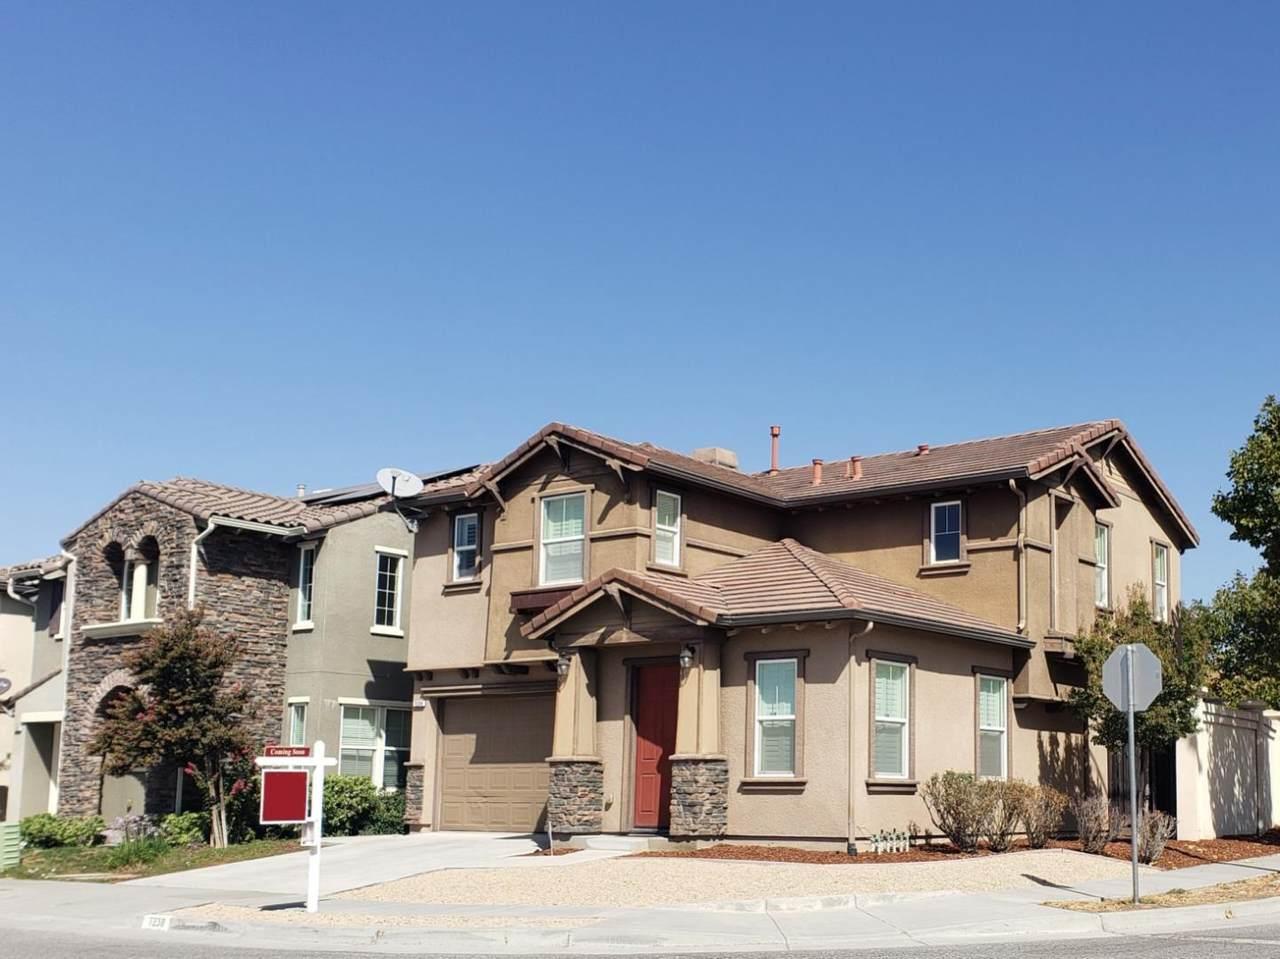 7238 Basking Ridge Ave - Photo 1